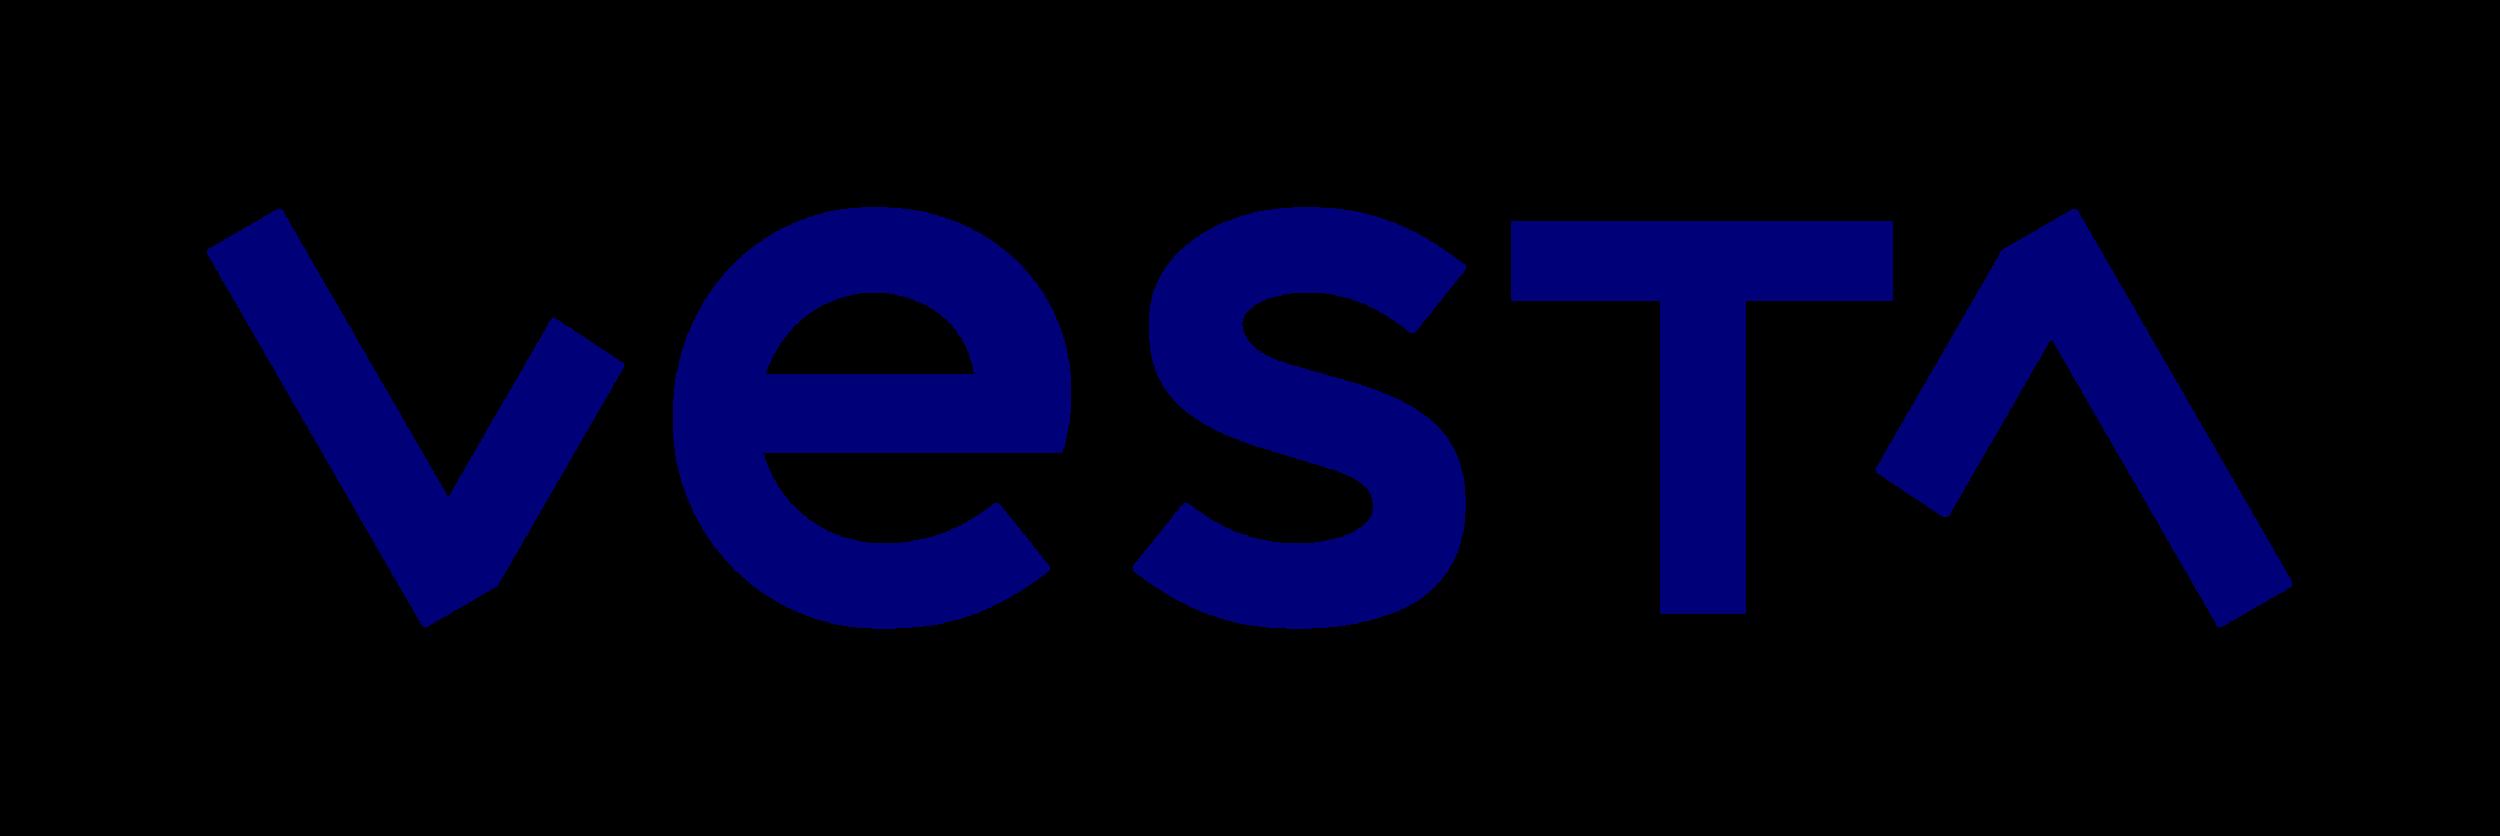 VESTA.png